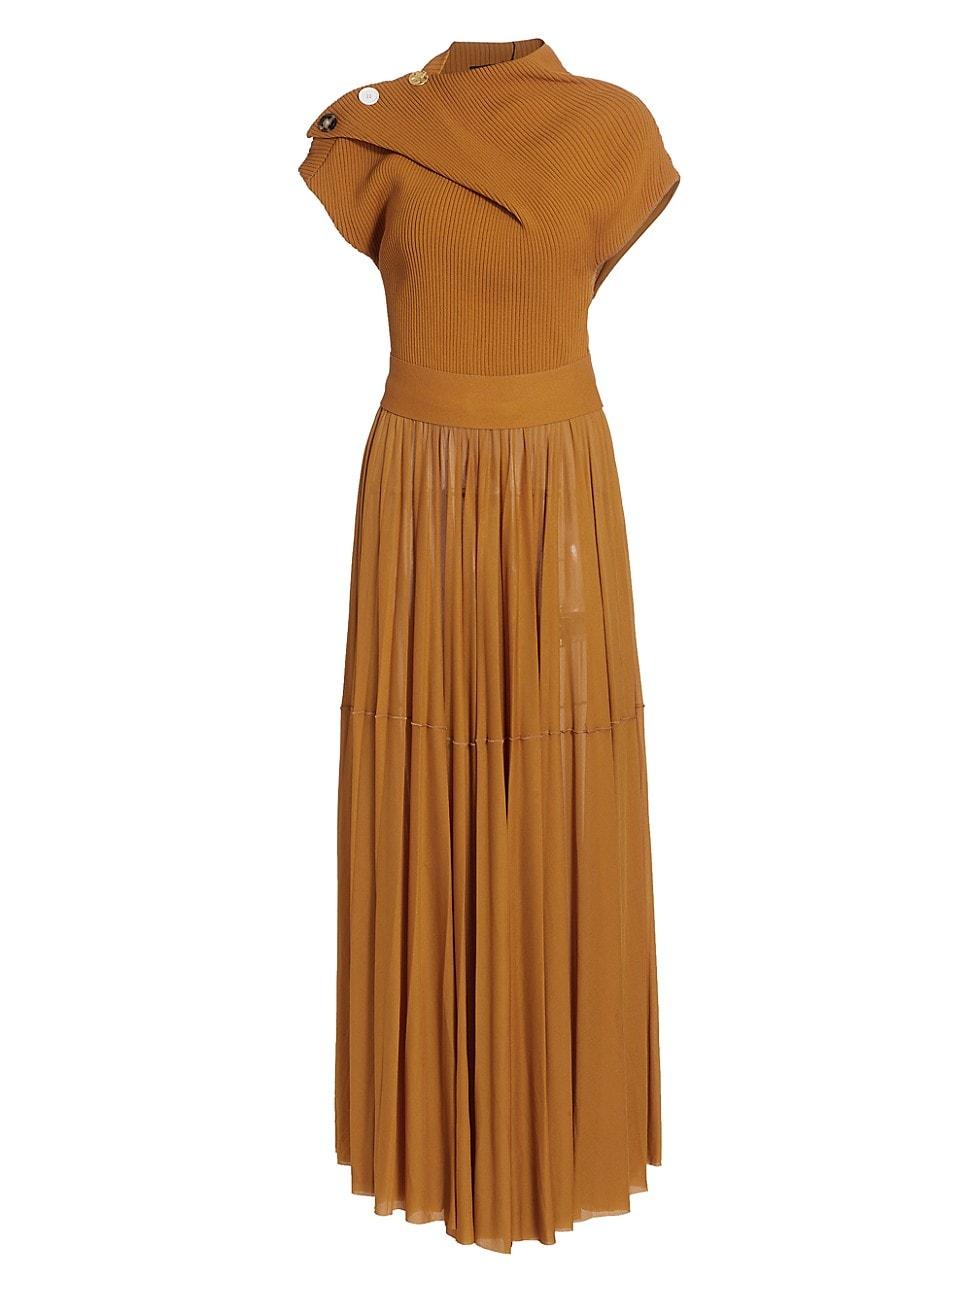 Proenza Schouler WOMEN'S GAUZY JERSEY DRAPED DRESS